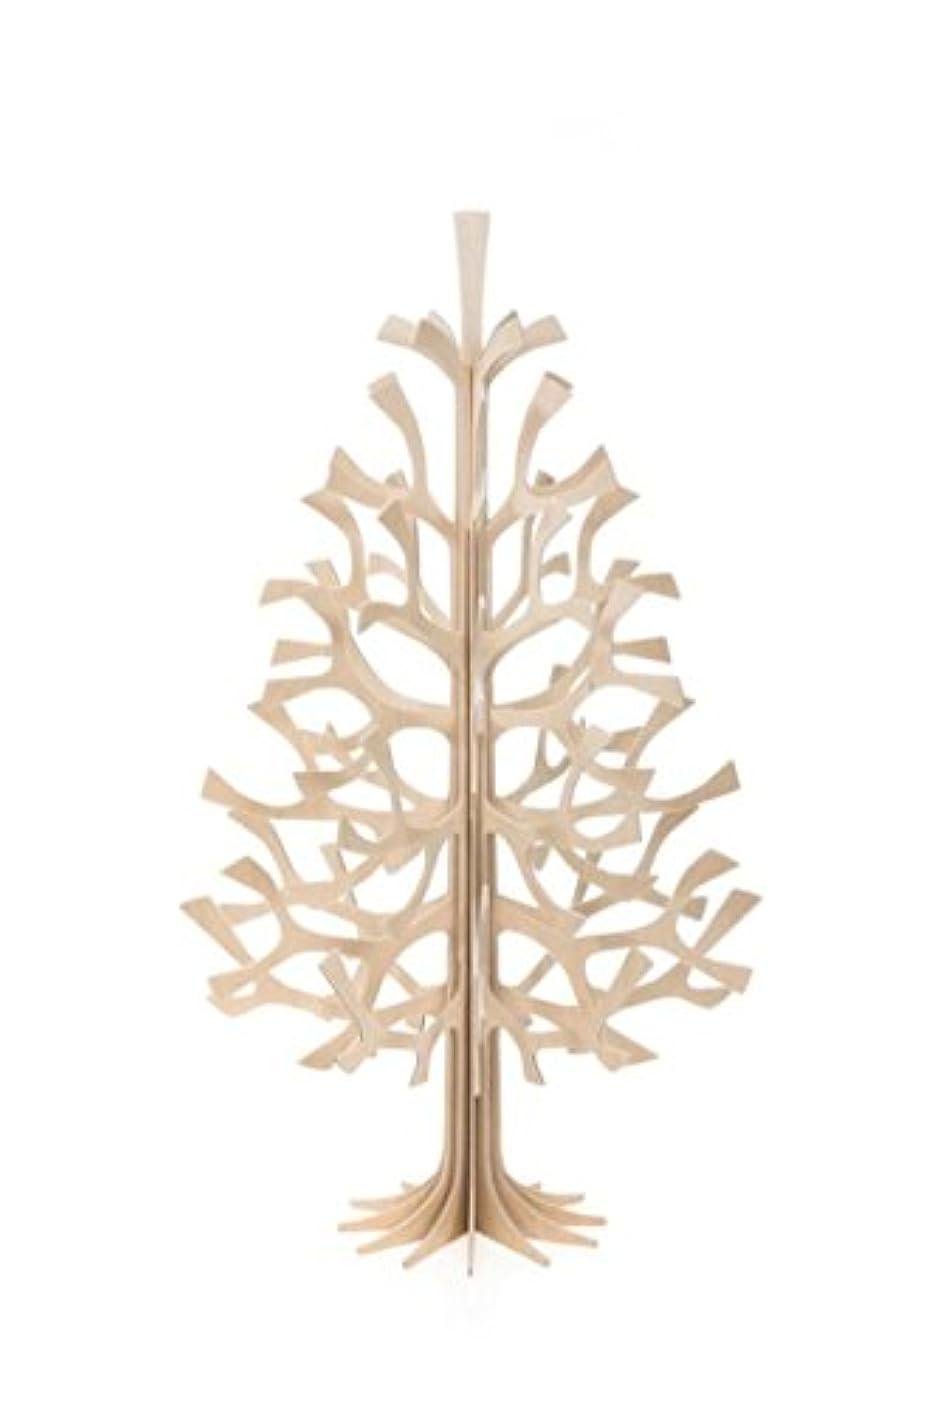 中断あそこ悪化するロヴィ クリスマスツリー 50cm ナチュラルウッド xmastree50nw